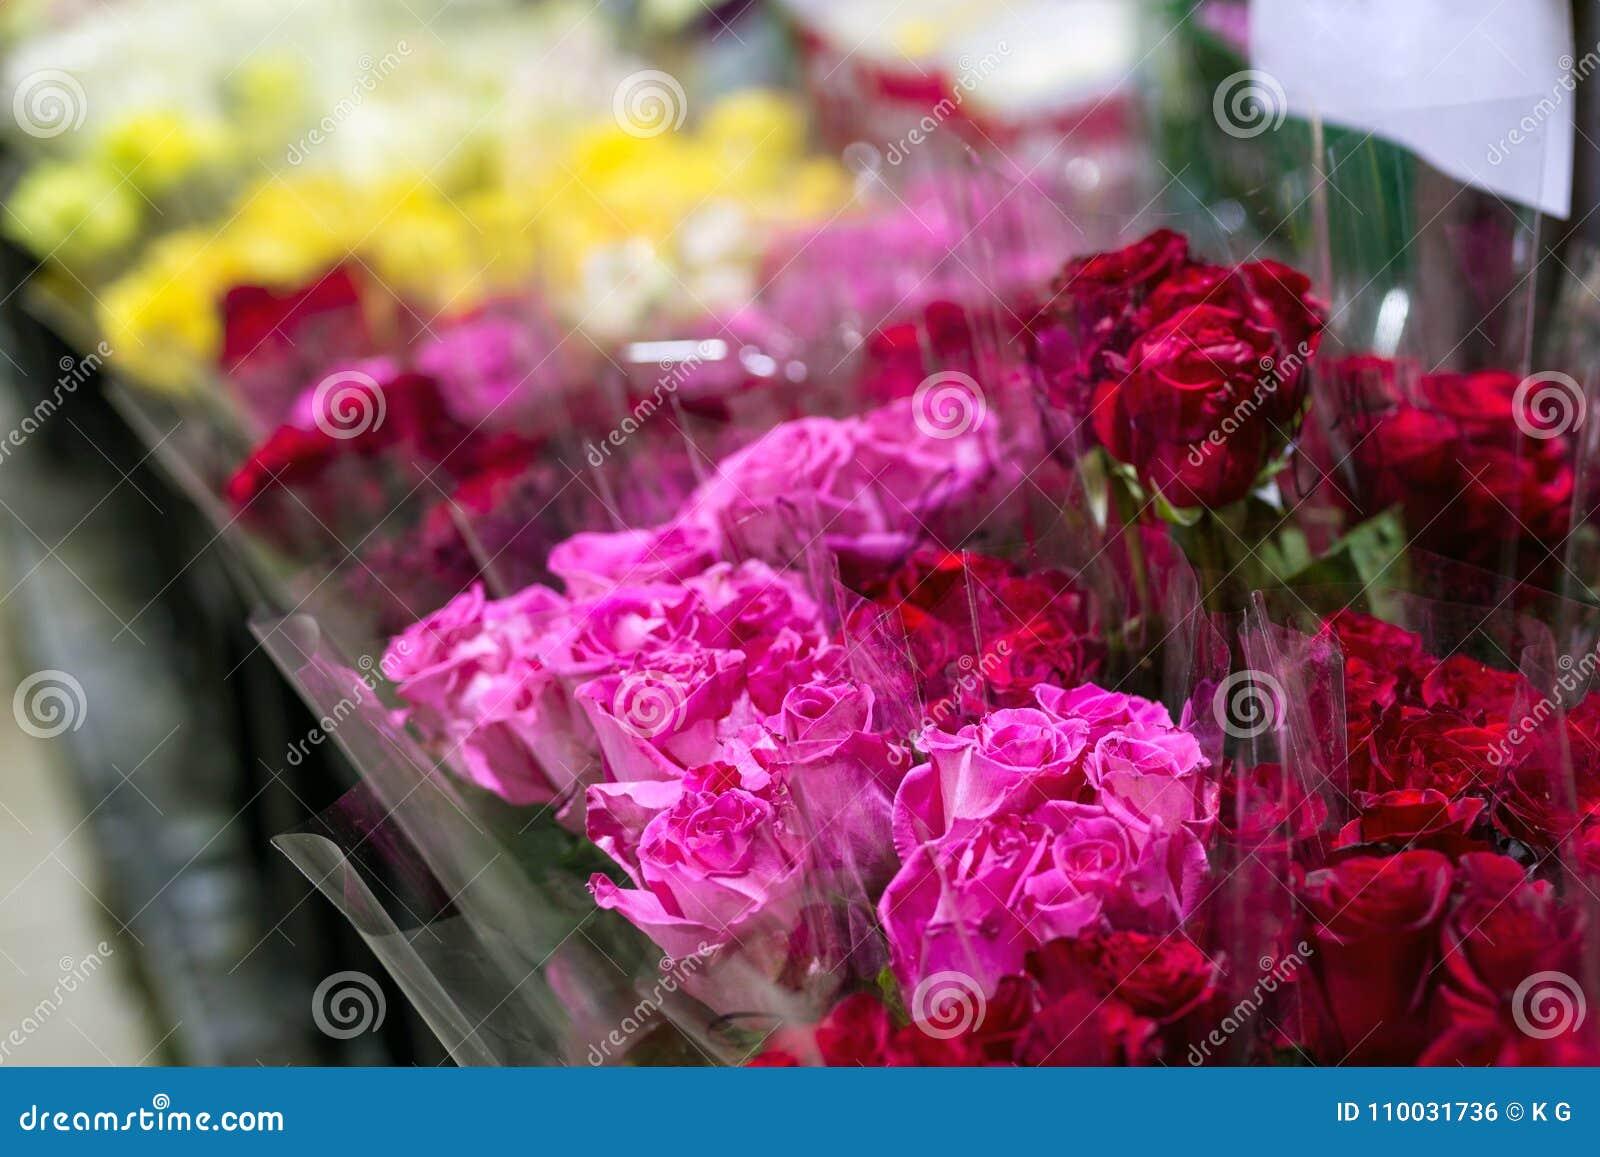 Mooie verse rode rozen bij flowermarket In het groot bloemwinkel Het kleinhandels en brutoconcept van de snijbloemopslag